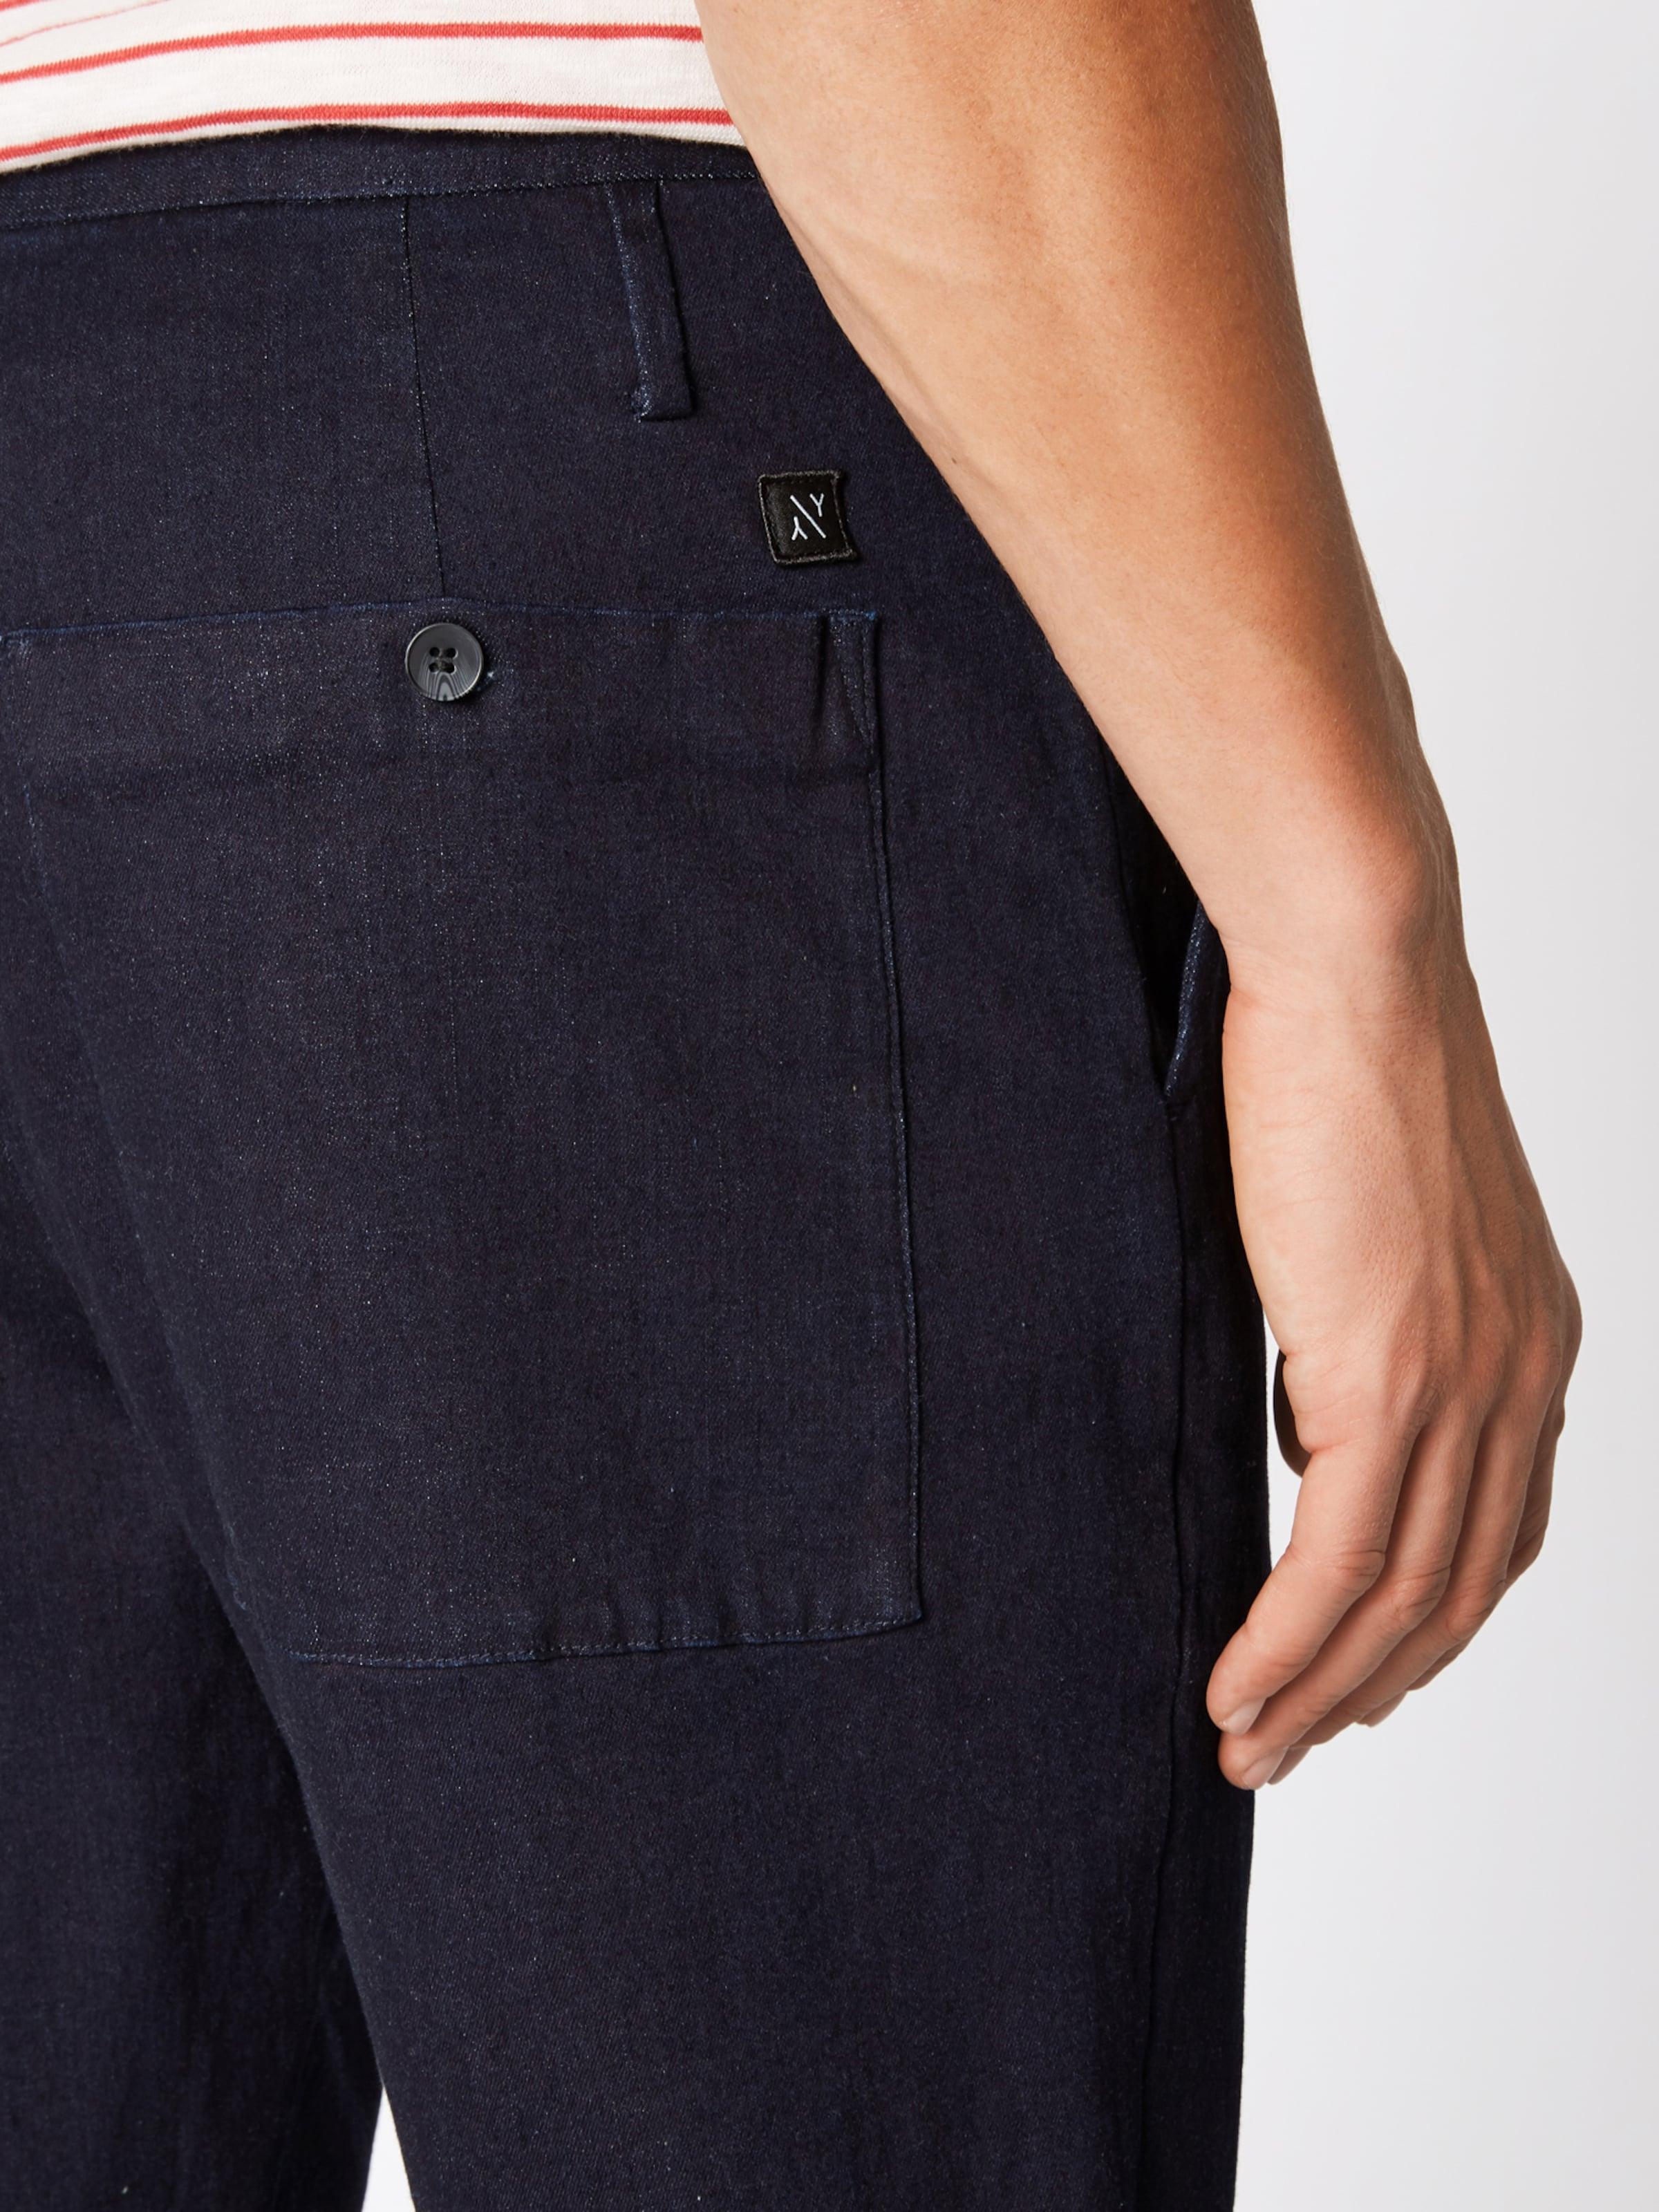 Pantalon Bleu Nowadays Foncé À En Pince fb76gvYy